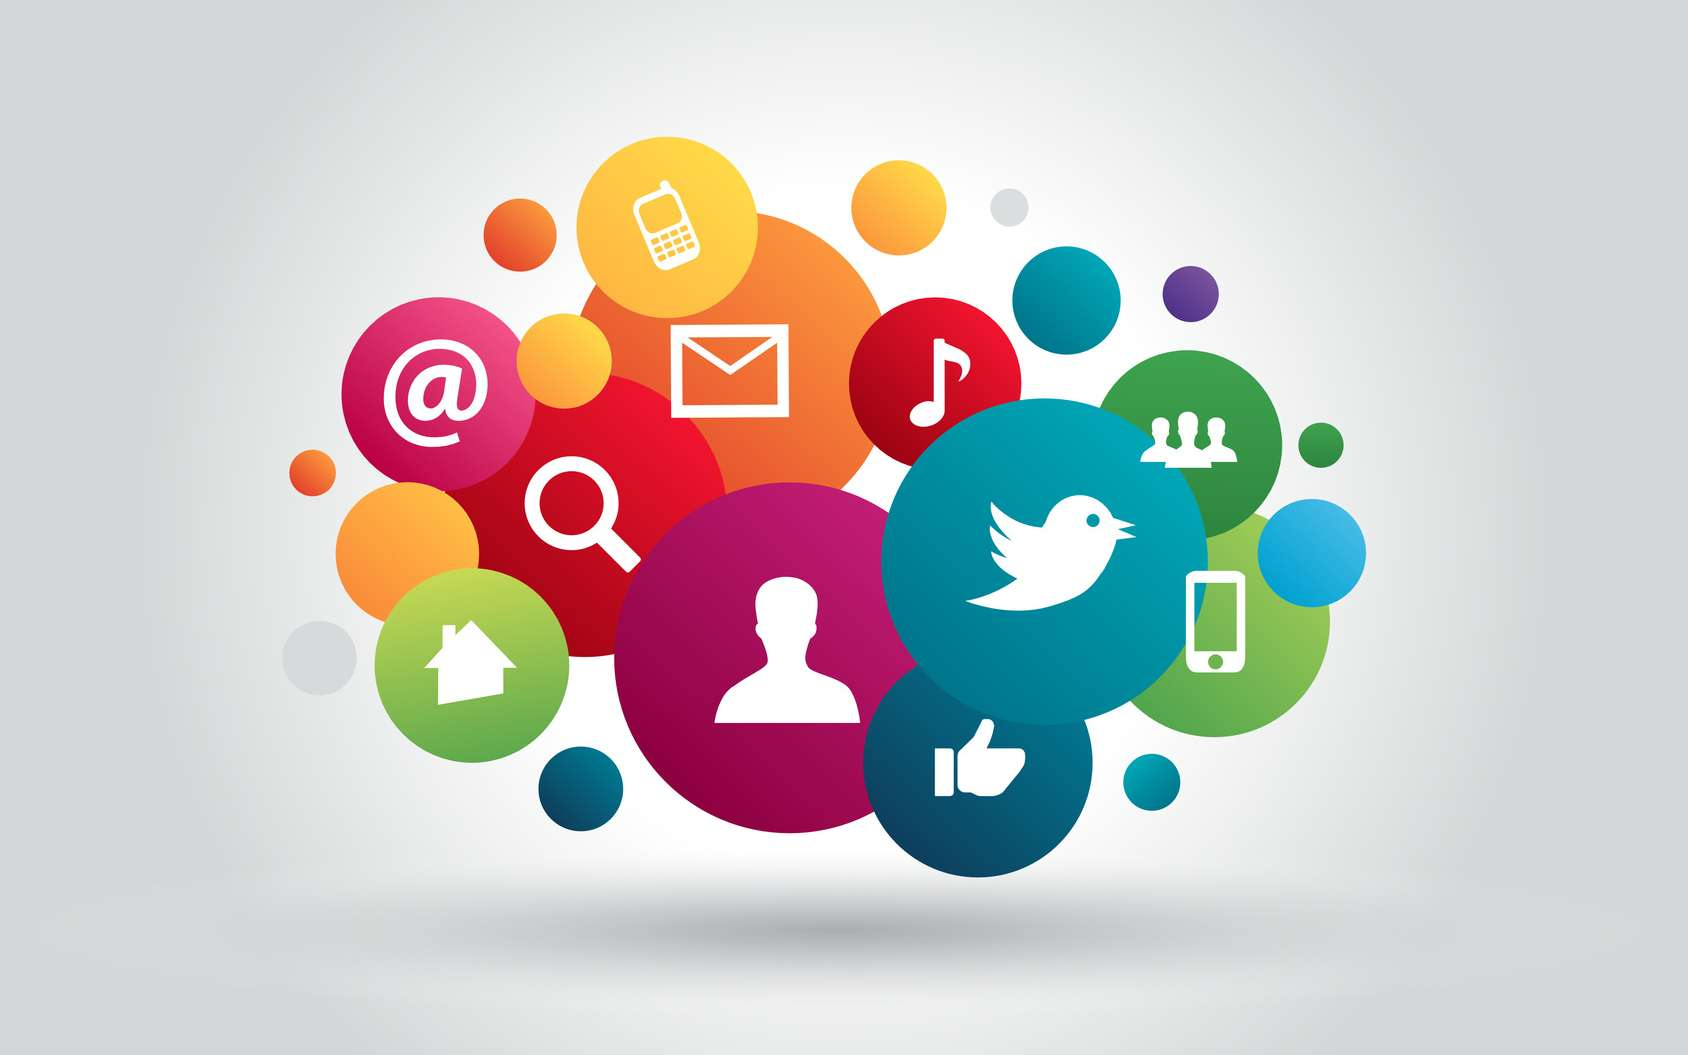 Notre e-réputation se crée via tous les réseaux sociaux, blogs, sites. © Julien Eichinger, Fotolia